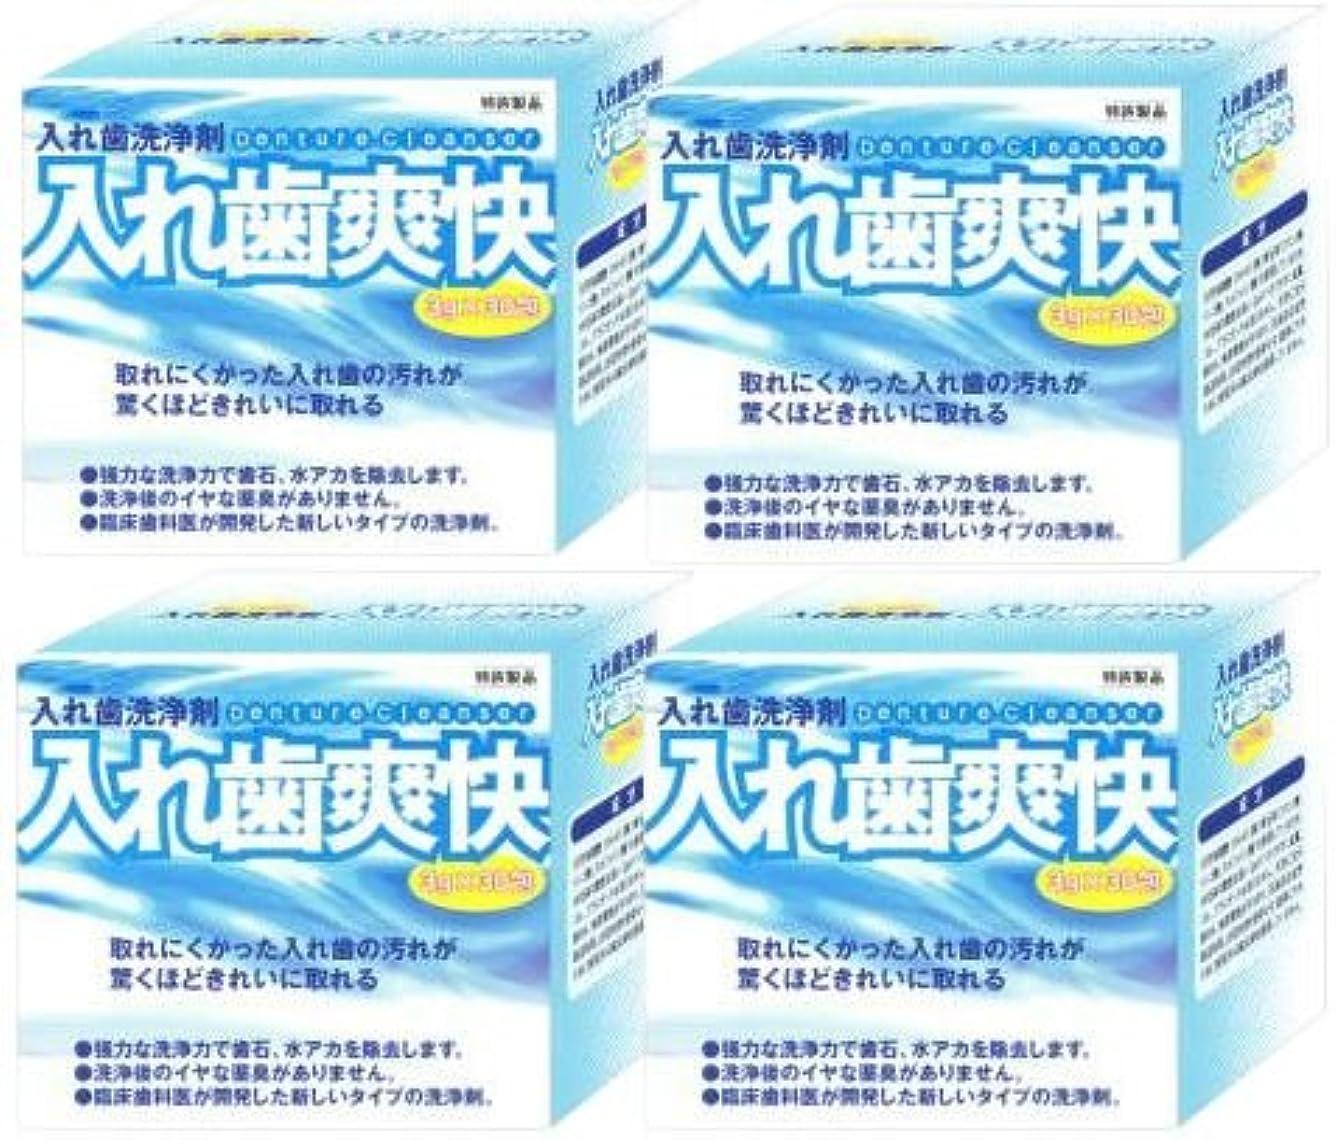 くそー列車【和田精密歯研】【歯科用】入れ歯爽快 1箱 3g×30包【義歯洗浄剤】4個セット